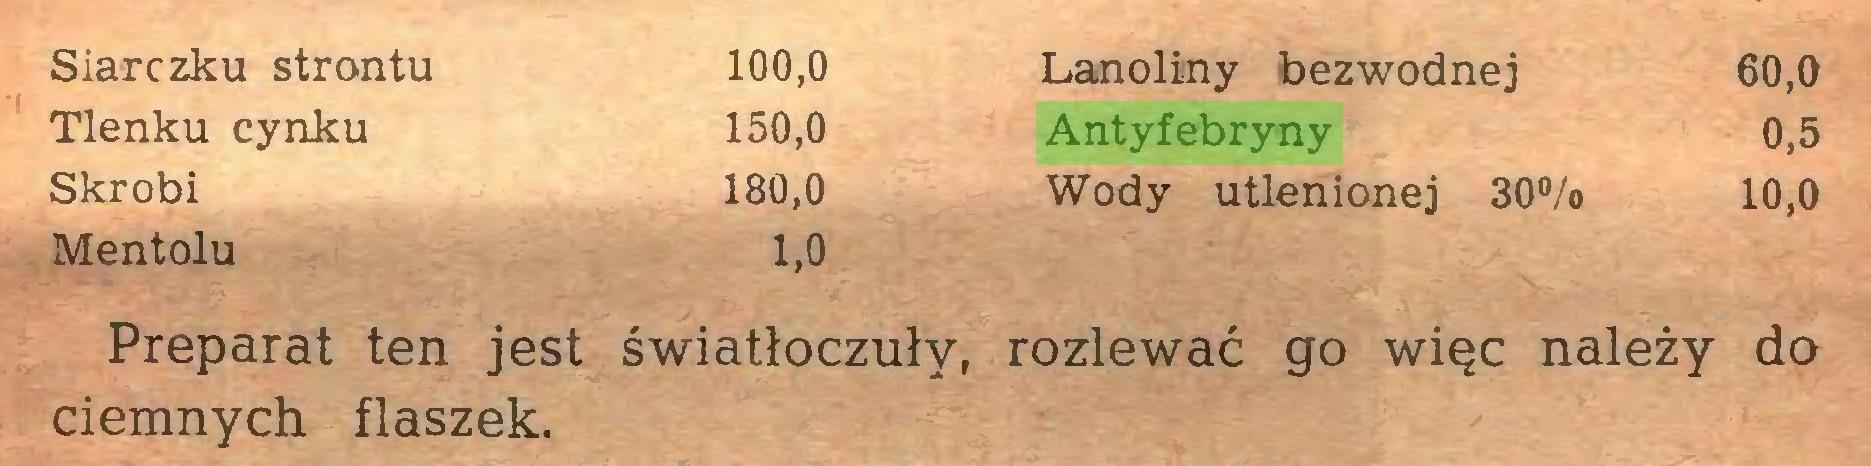 (...) Siarczku strontu 100,0 Lanoliny bezwodnej 60,0 Tlenku cynku 150,0 Antyfebryny 0,5 Skrobi 180,0 Wody utlenionej 30% 10,0 Mentolu 1,0 Preparat ten jest światłoczuły, rozlewać go więc należy do ciemnych flaszek...